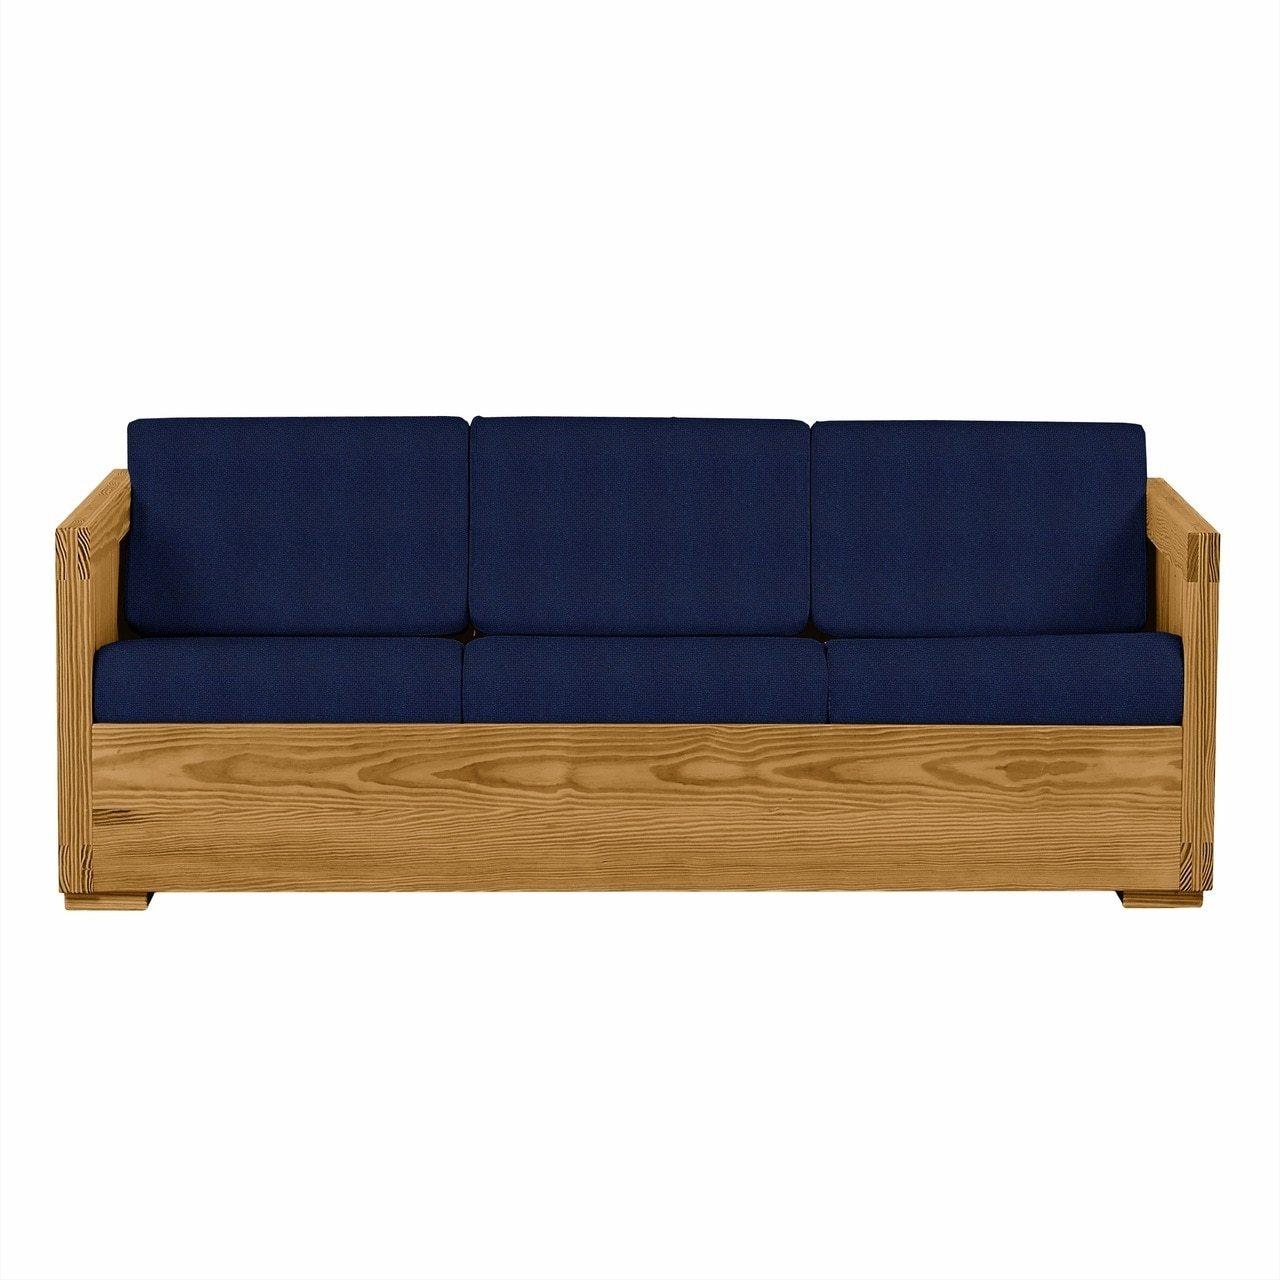 Cushions in a Flash Sofa Cushion Set